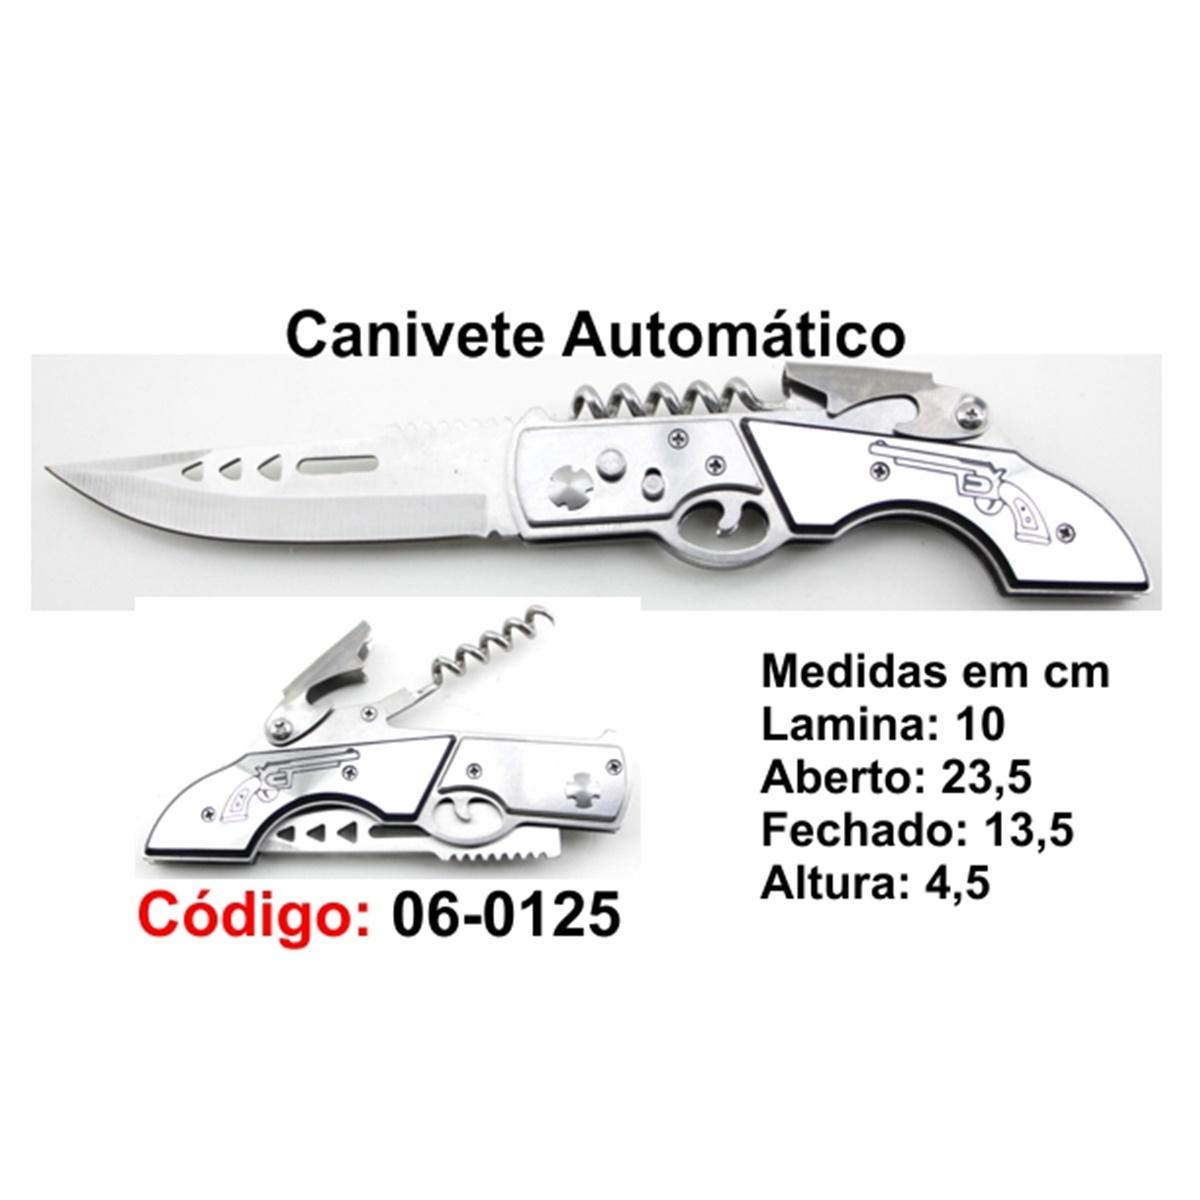 Canivete Esportivo Automático Caça Pesca Etc. 06-0125